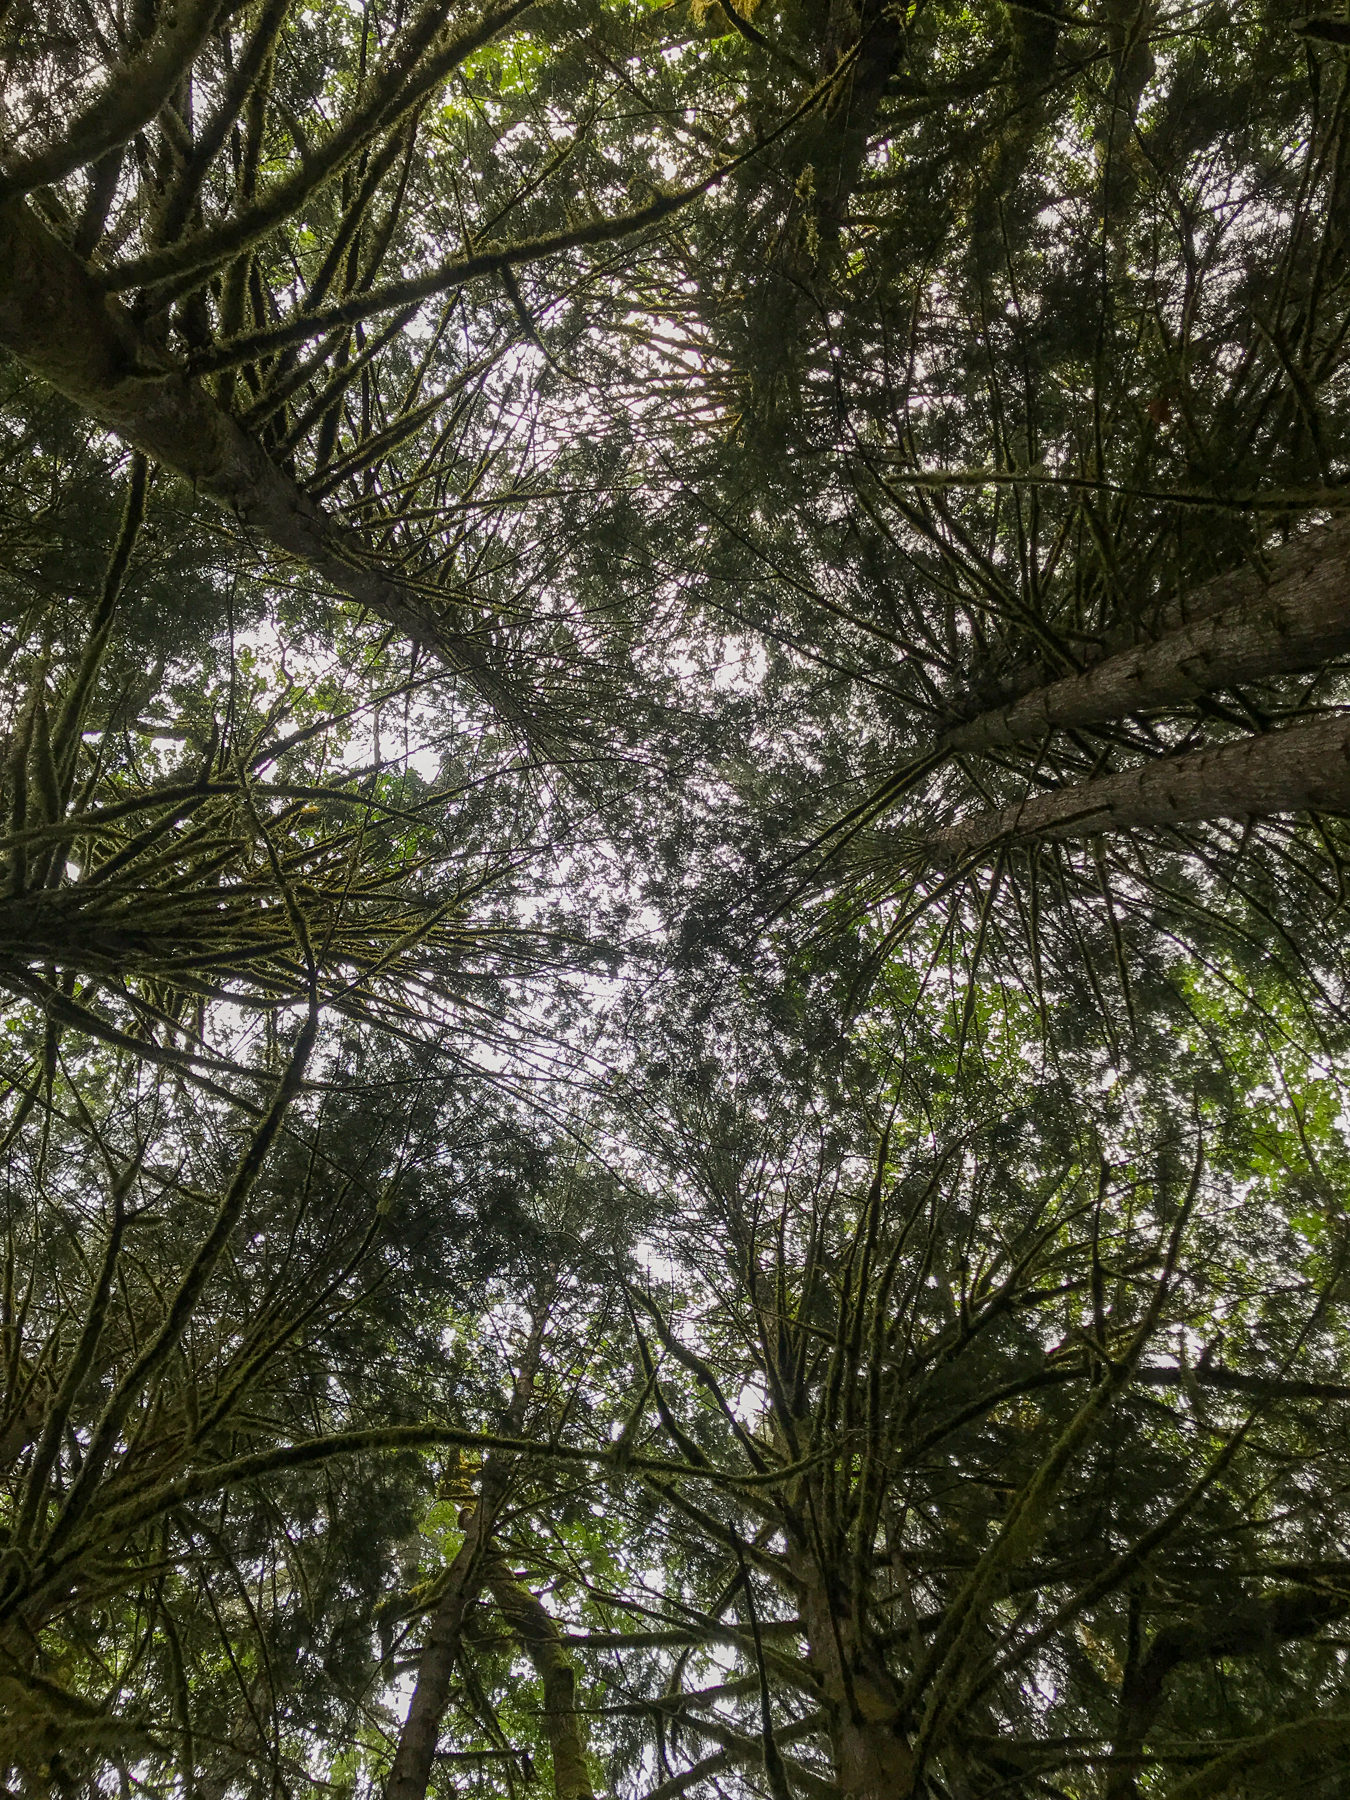 Ein Blick hoch hinauf in die Baumwipfel.